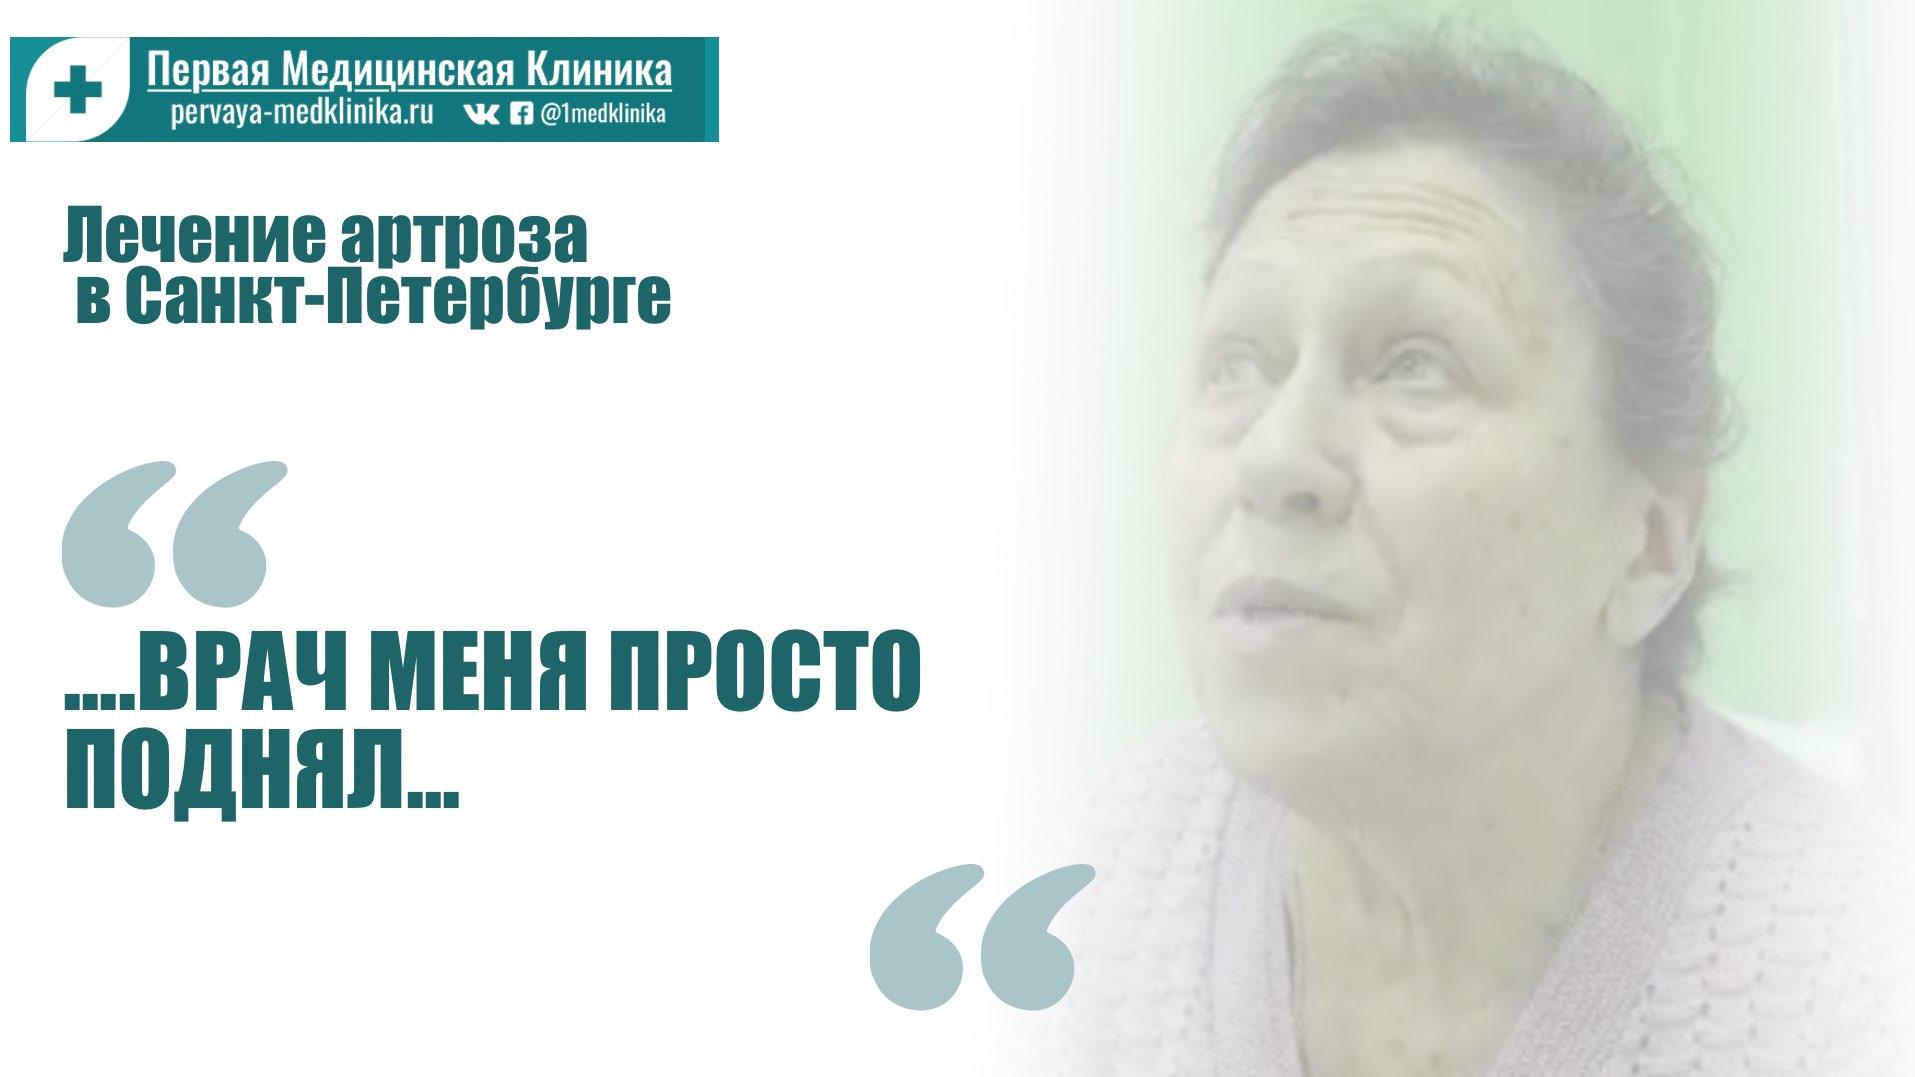 Лечение артроза в Санкт-Петербурге. Отзывы пациентов